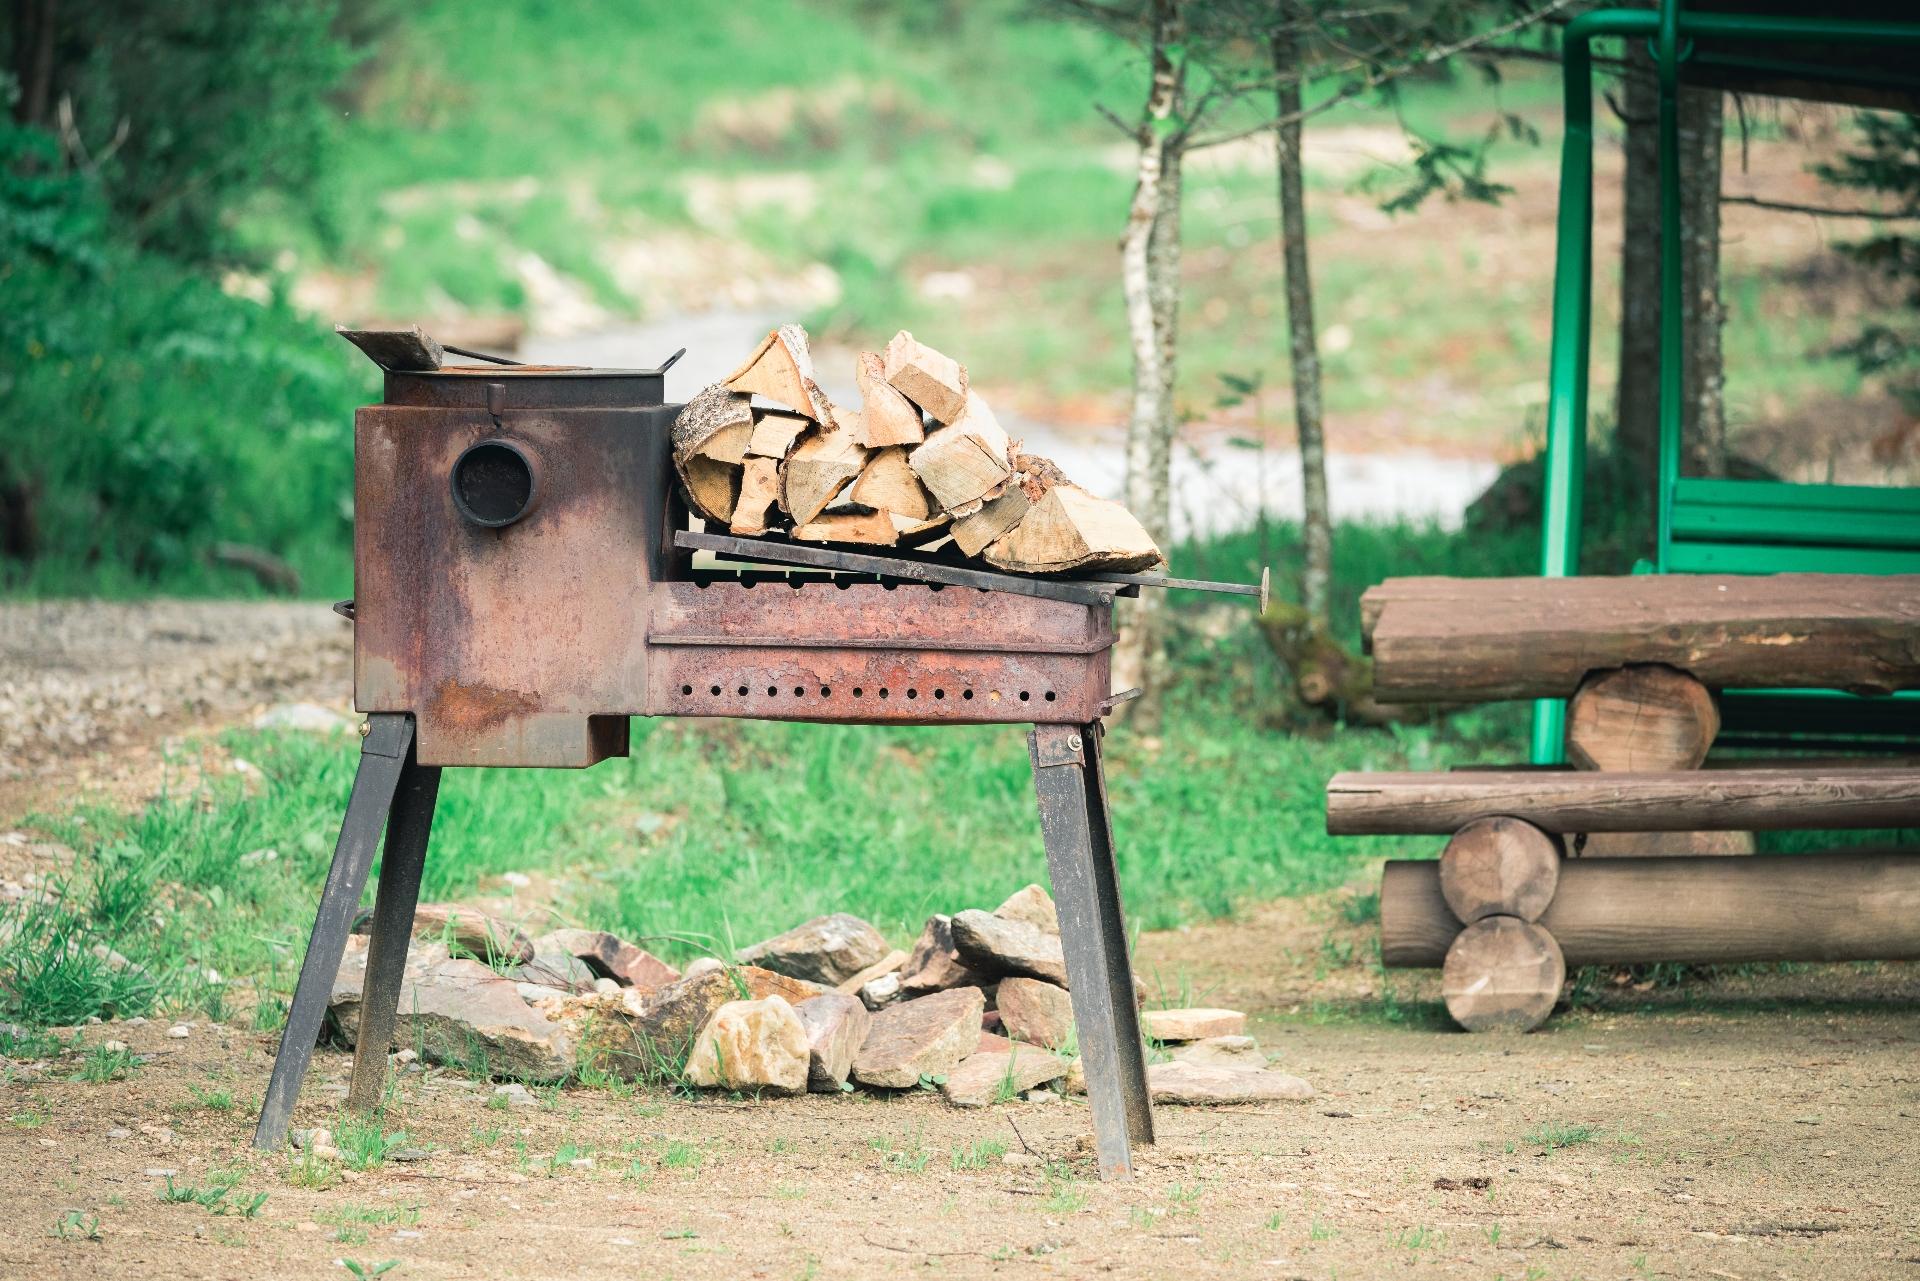 Штраф за приготовление шашлыка в необорудованном месте составит с 2021 года от 2 тыс. руб.